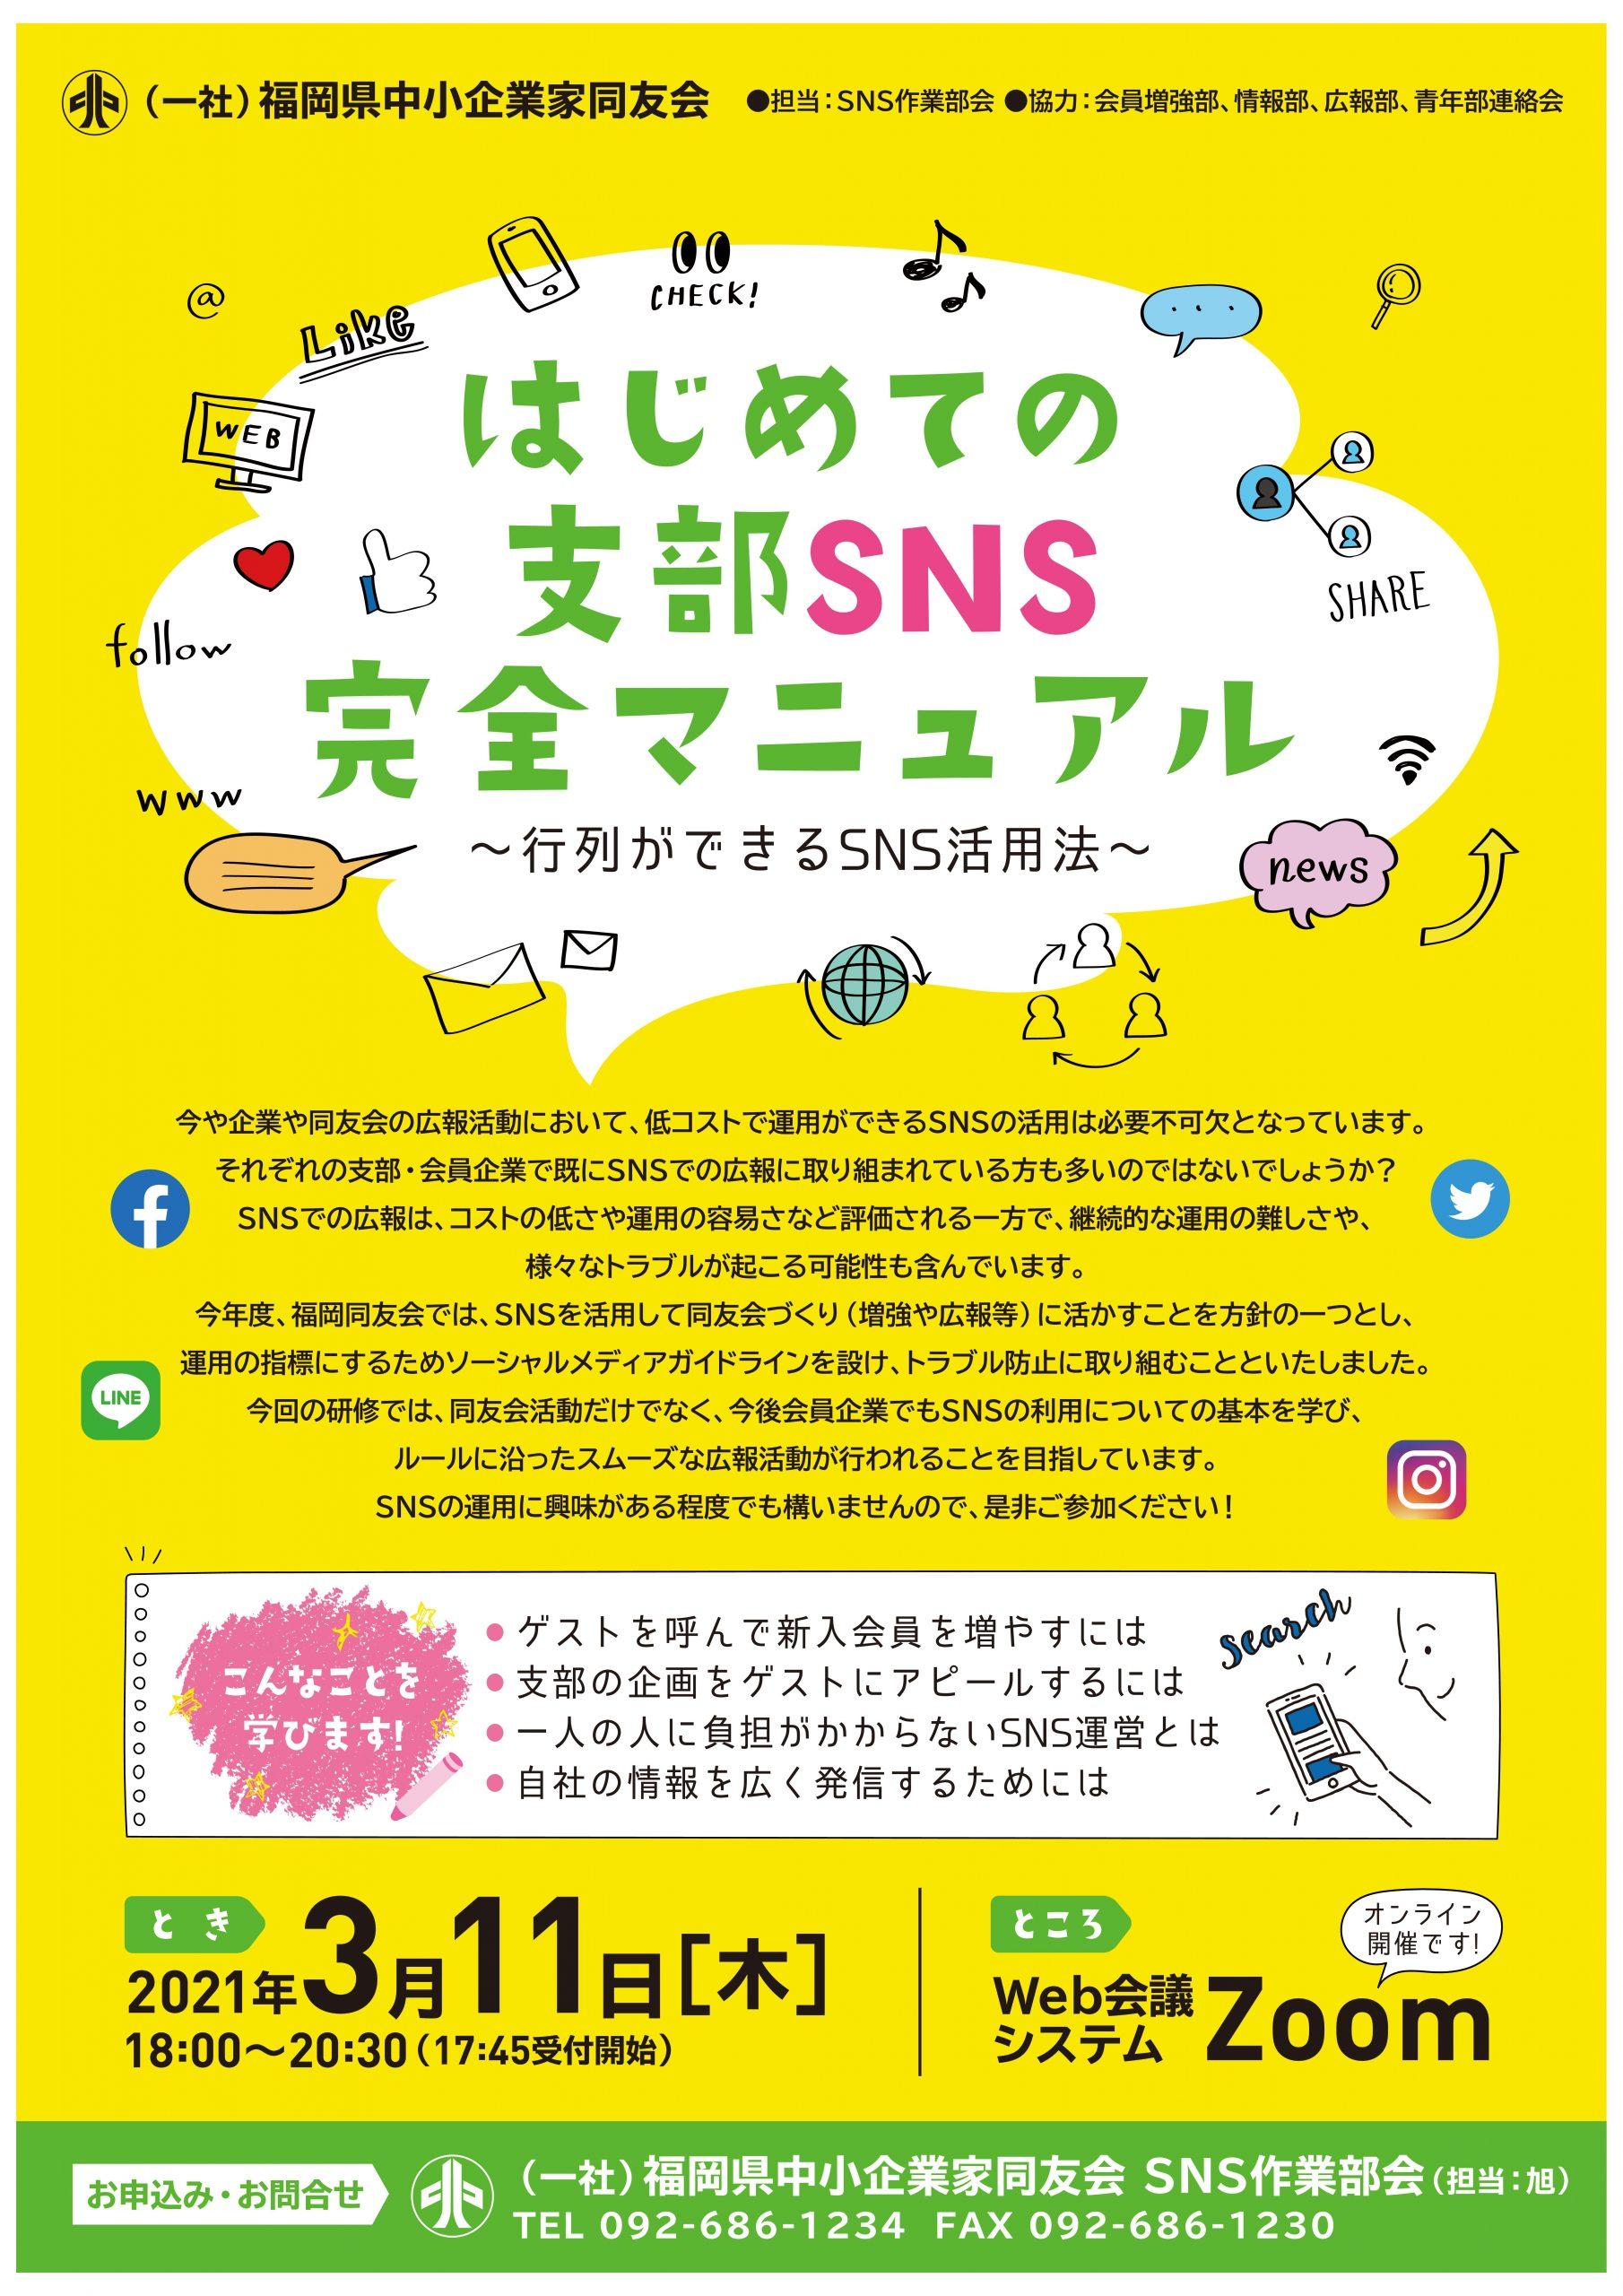 はじめての支部SNS完全マニュアル  ~行列ができるSNS活用法~